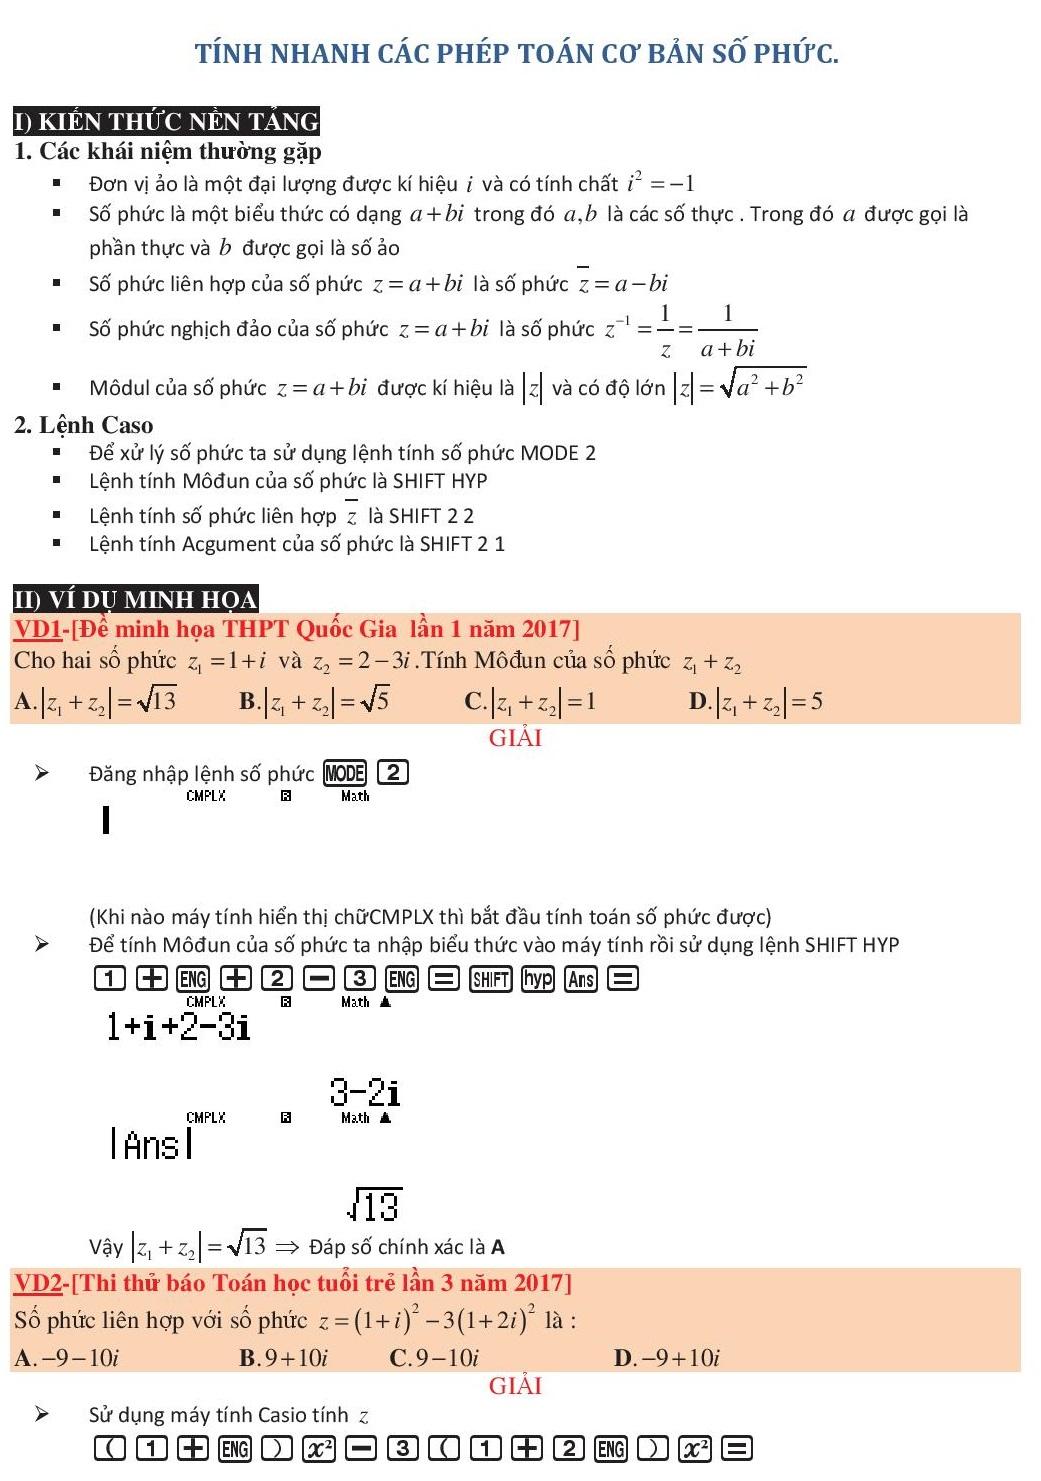 Giải bài toán Số phức cơ bản bằng máy tính cầm tay (1).jpg